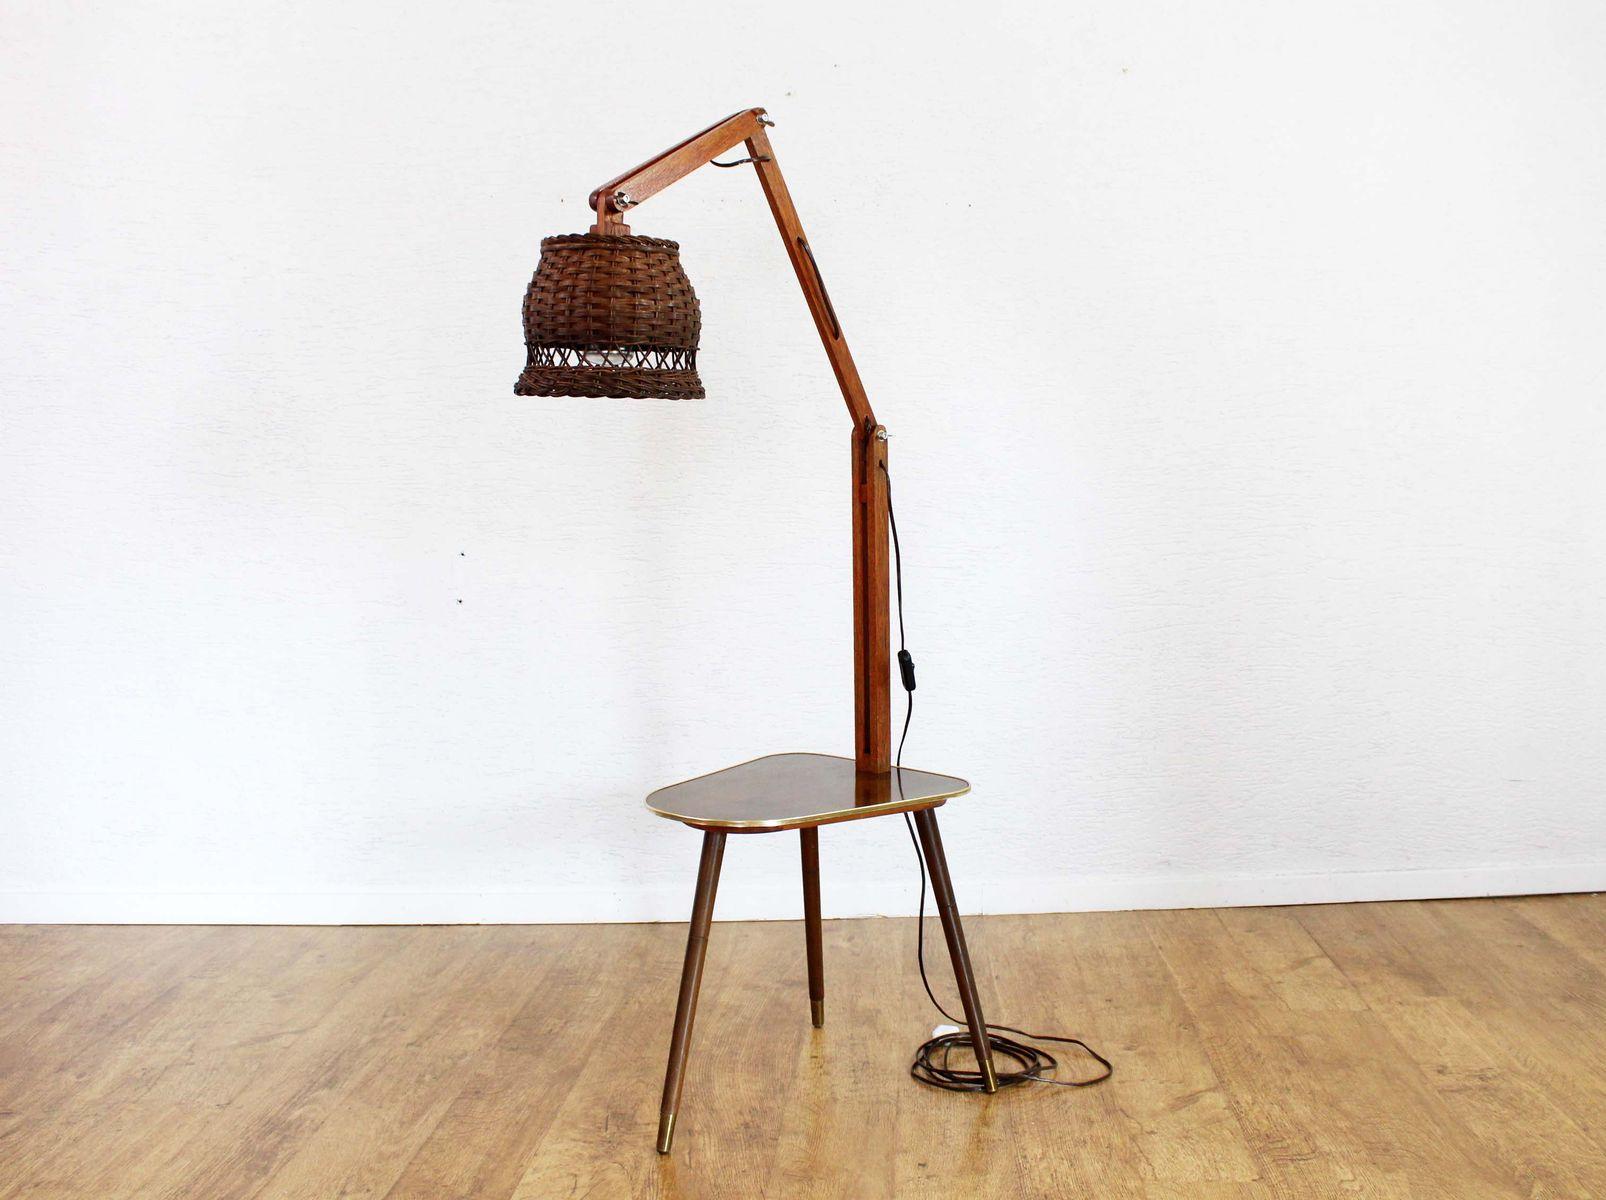 Lampada Vintage Da Terra : Tavolino vintage tripode con lampada da terra integrata in vendita